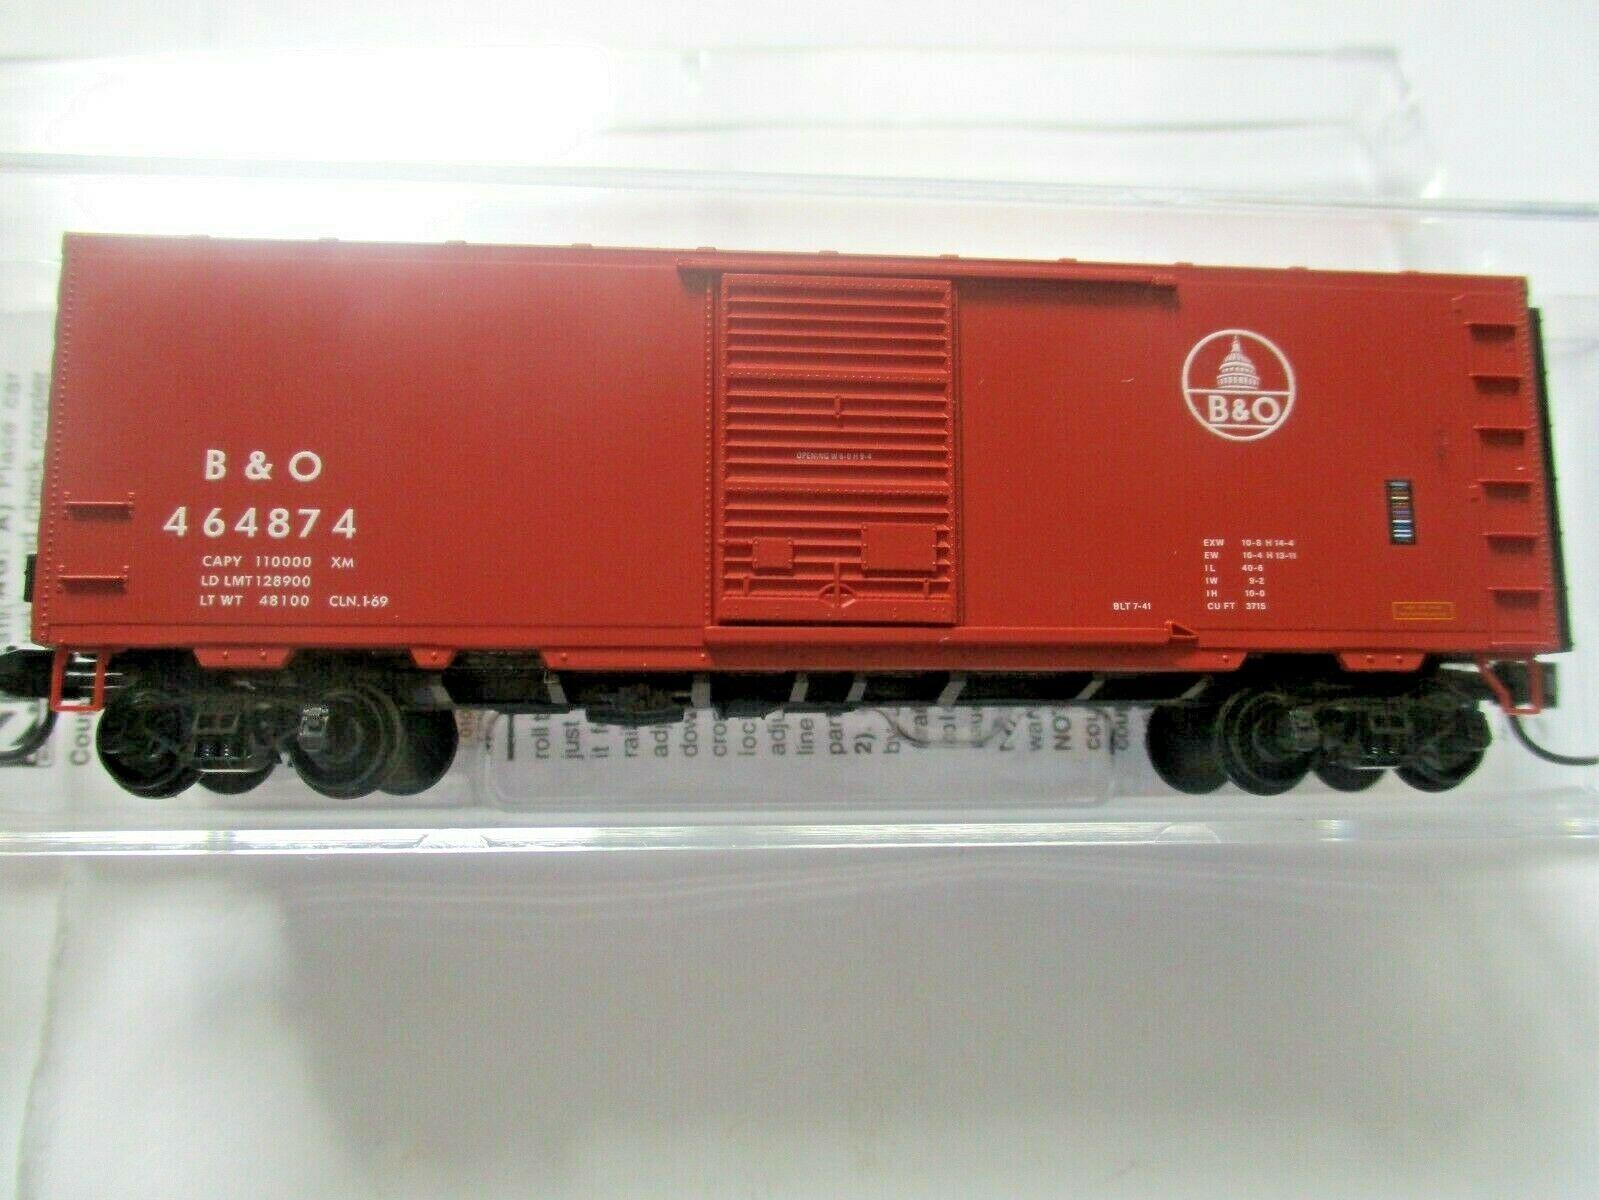 Micro-Trains # 07300290 Baltimore & Ohio 40' Standard Boxcar N-Scale